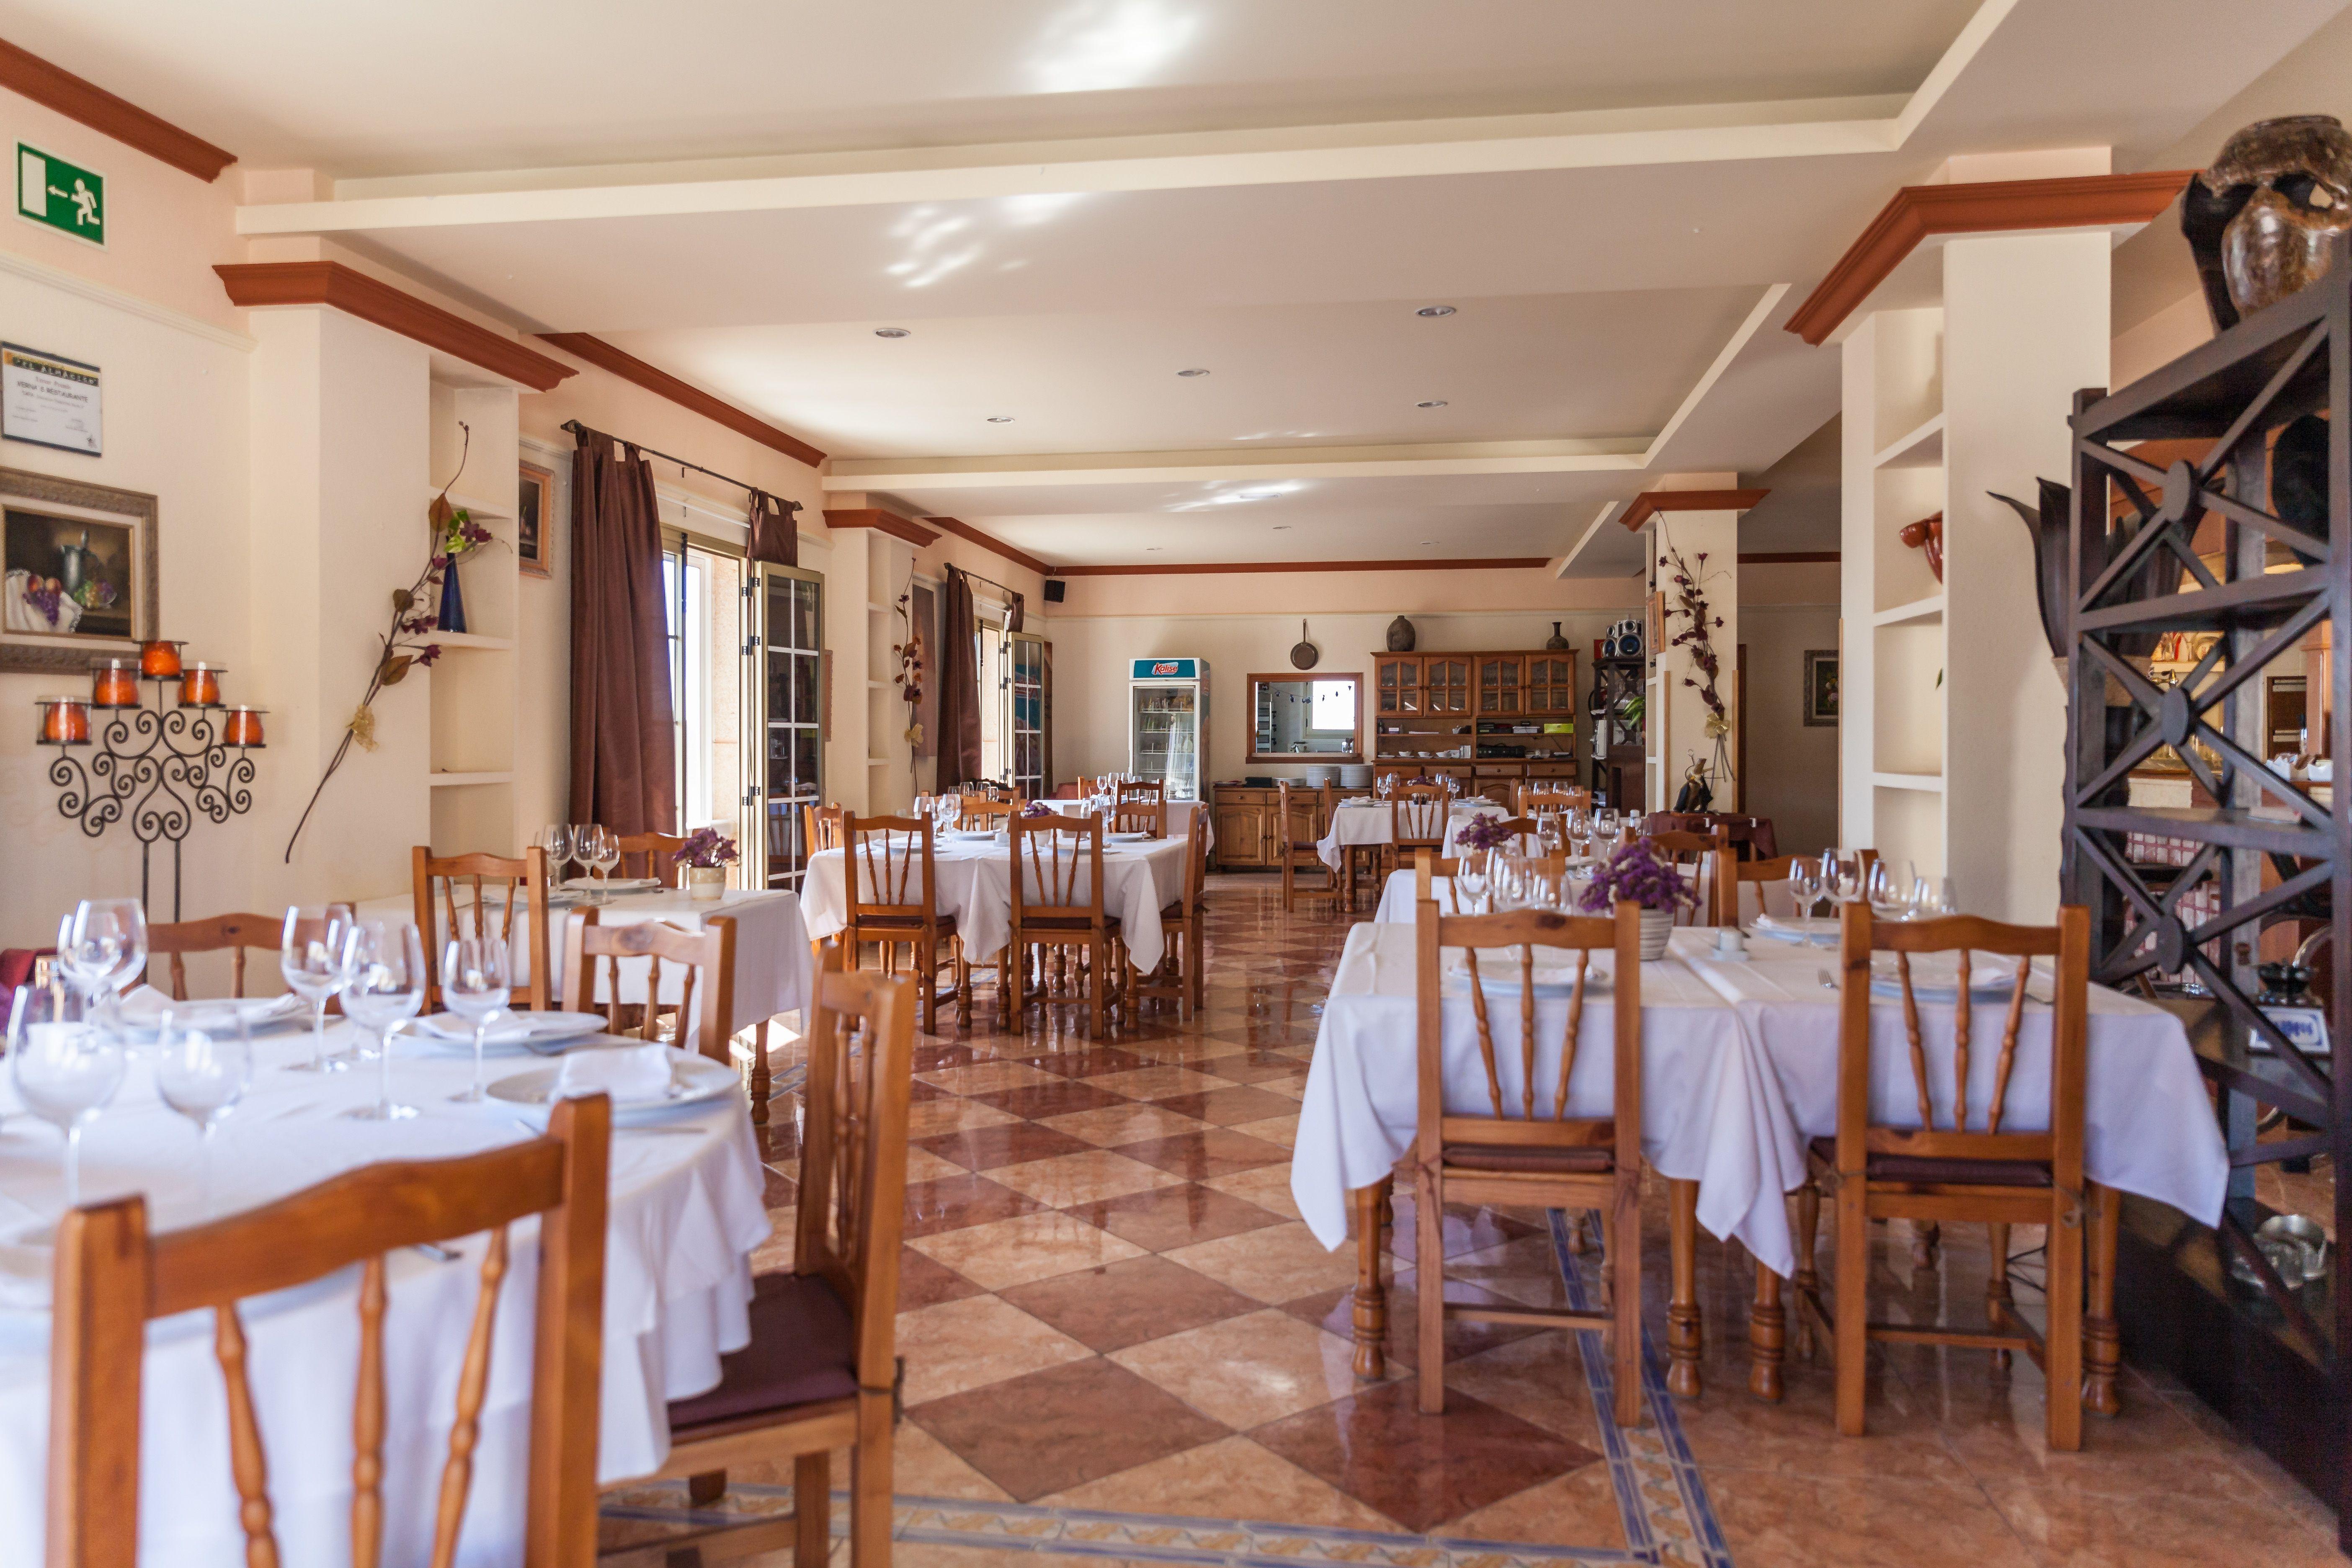 Foto 14 de Especialidad en carnes y pescados en La Camella | Verna's Restaurante